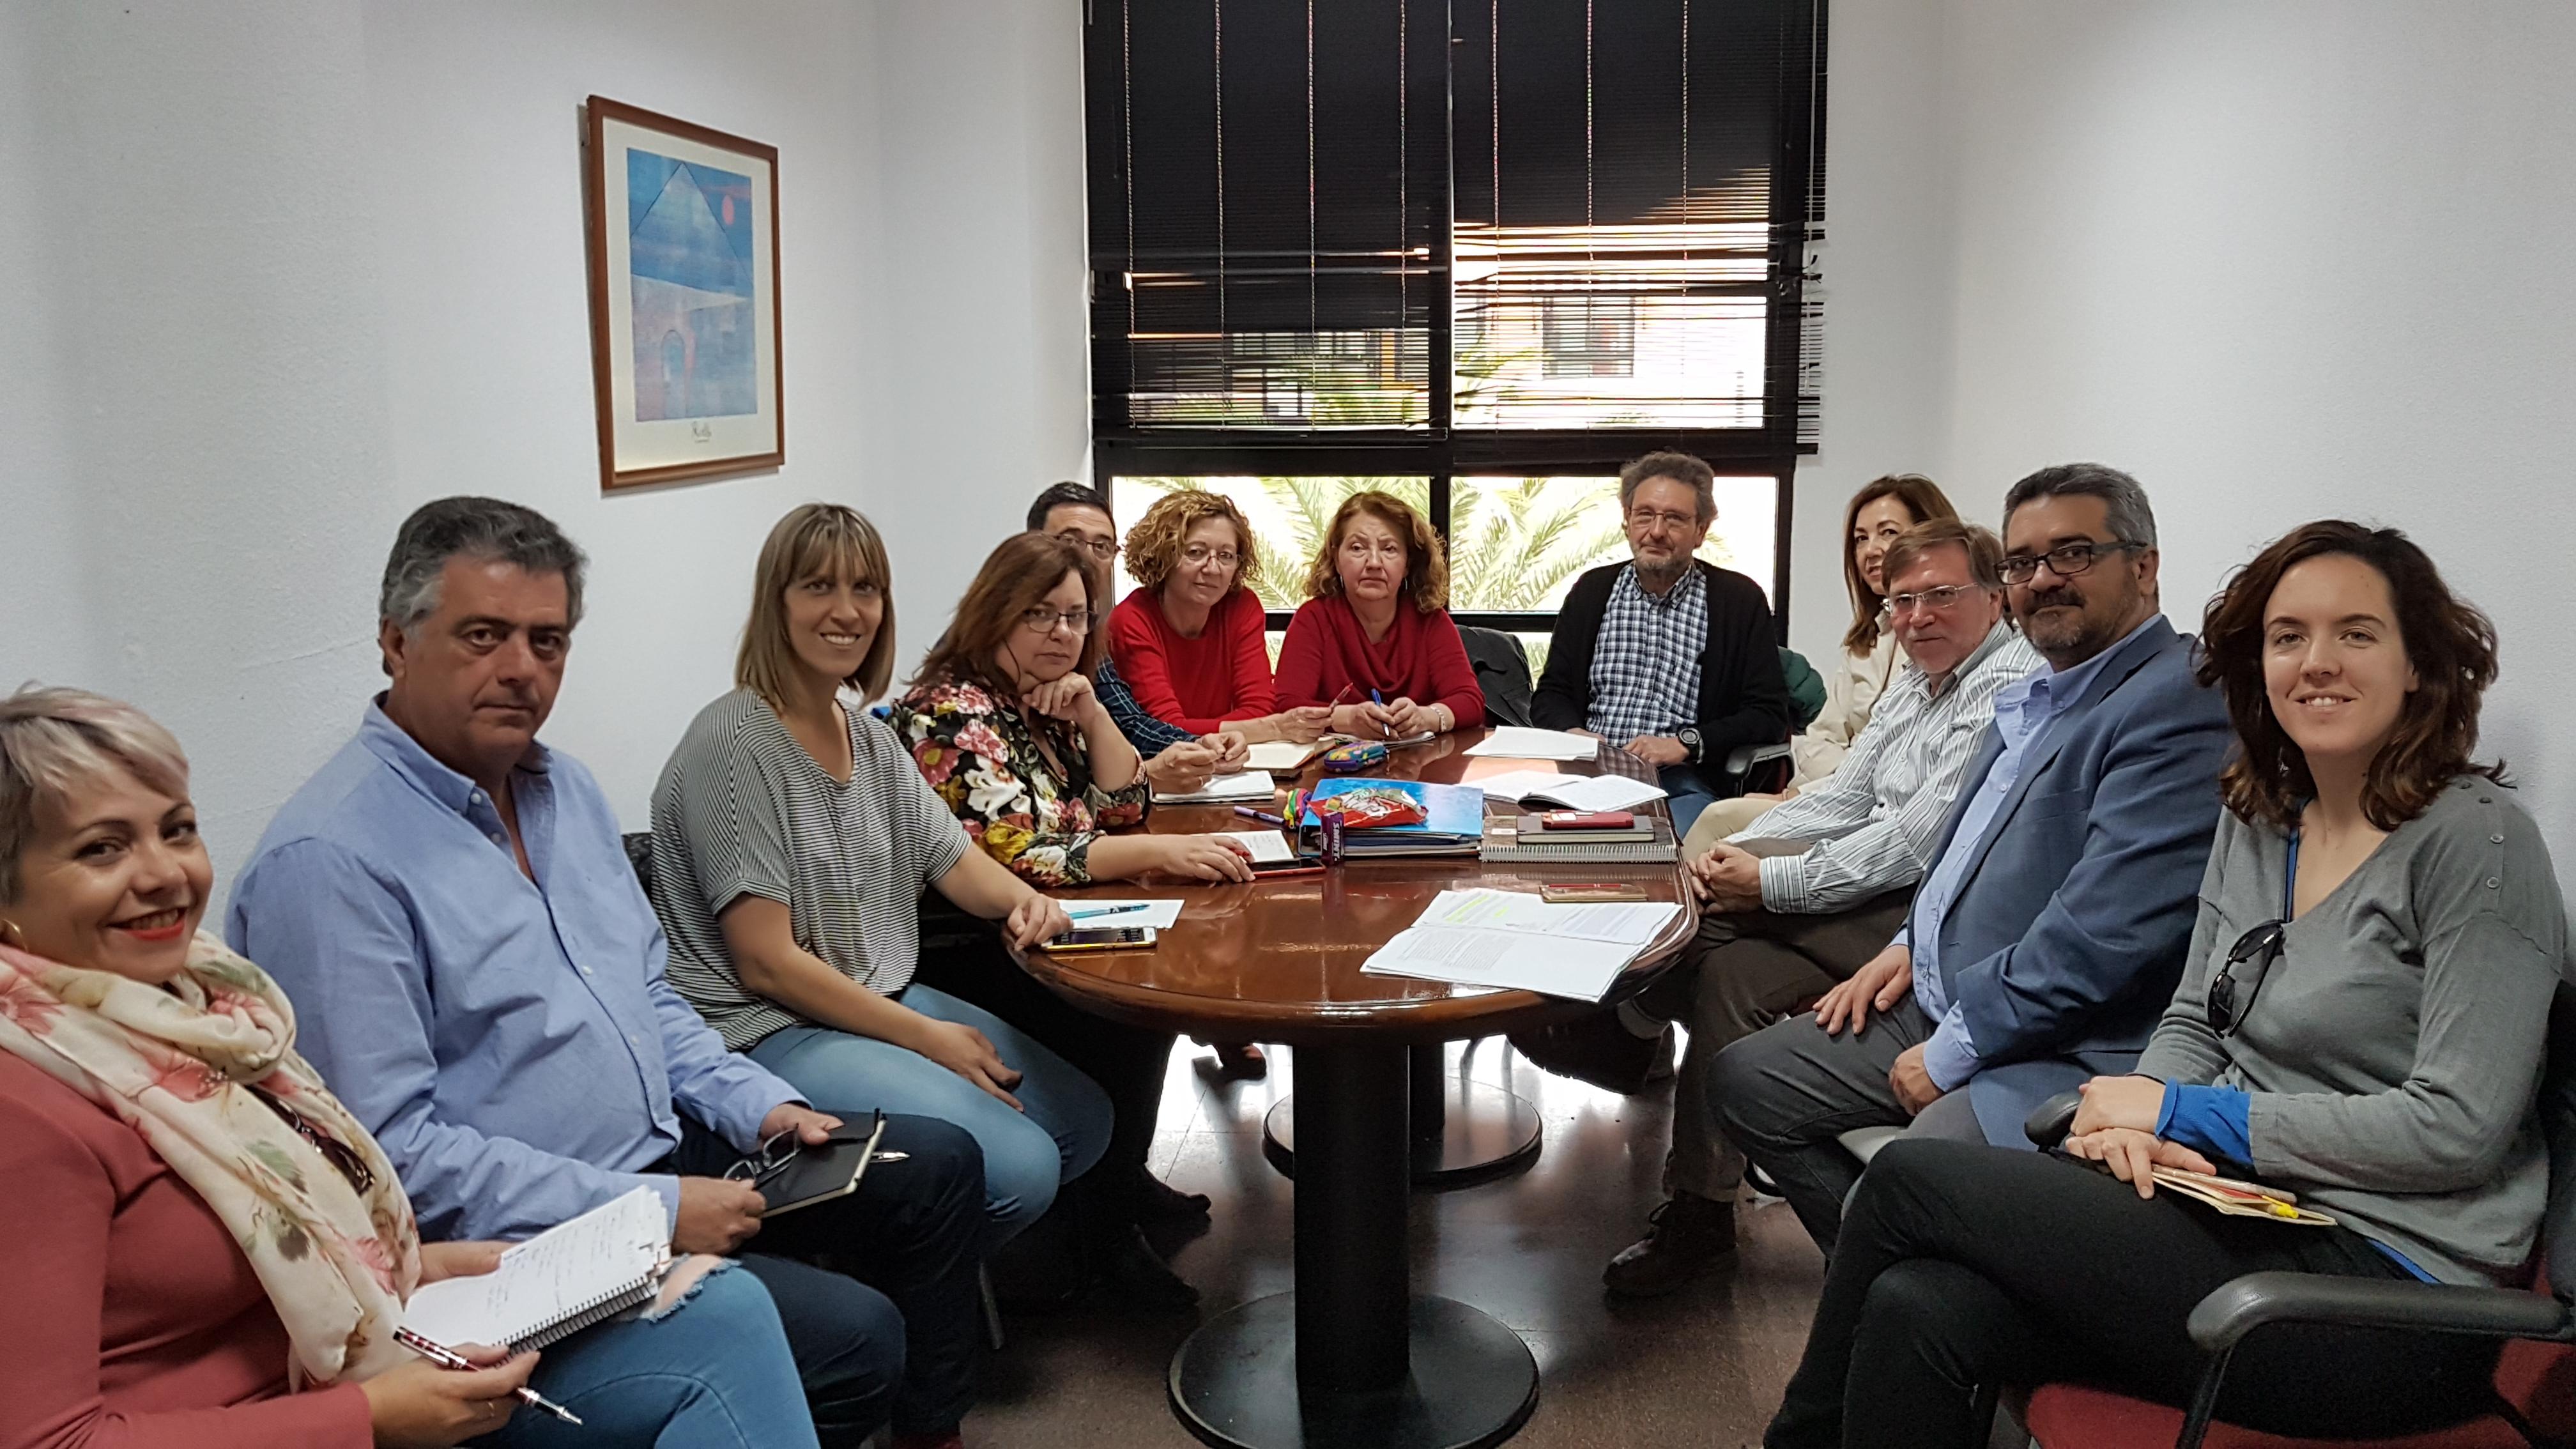 El grupo de municipios de la zona del sureste afectados por la mosca negra, se ha vuelto a reunir esta semana con representantes de la Federación Madrileña de Municipios en el Ayuntamiento de Velilla